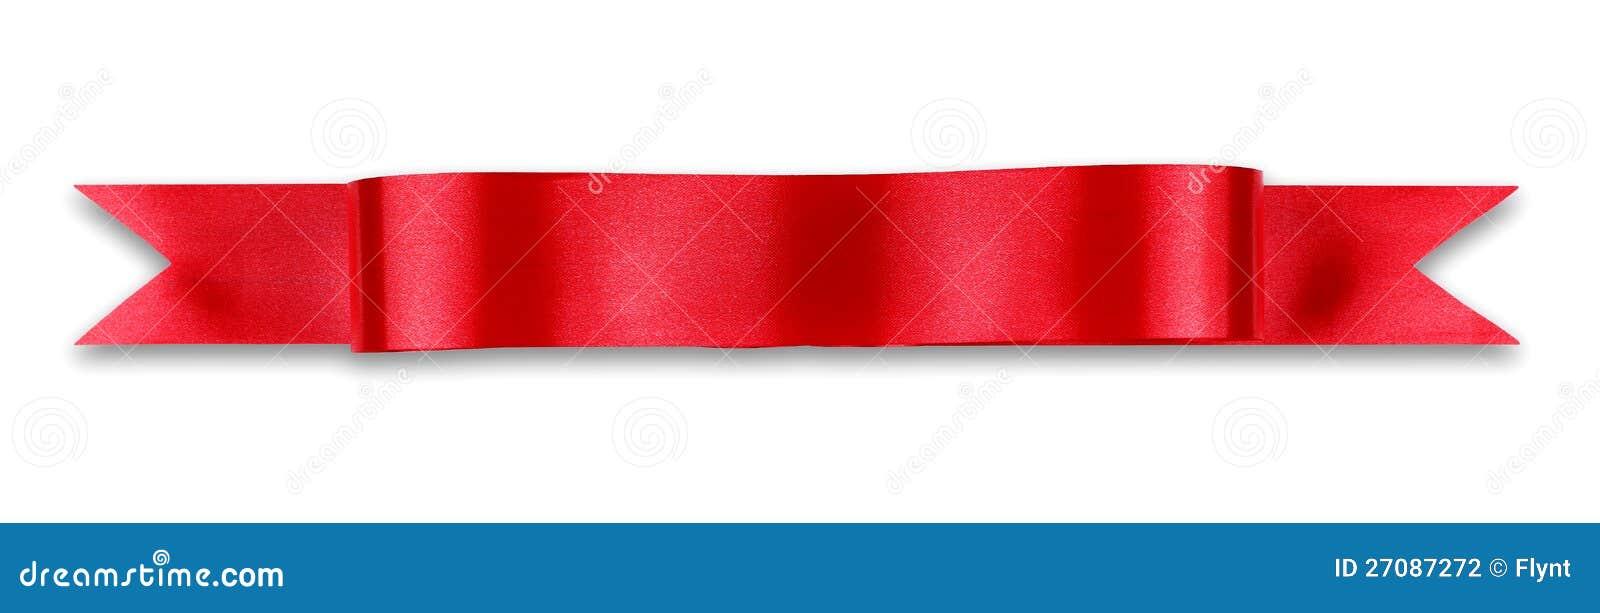 Bandera roja de la cinta